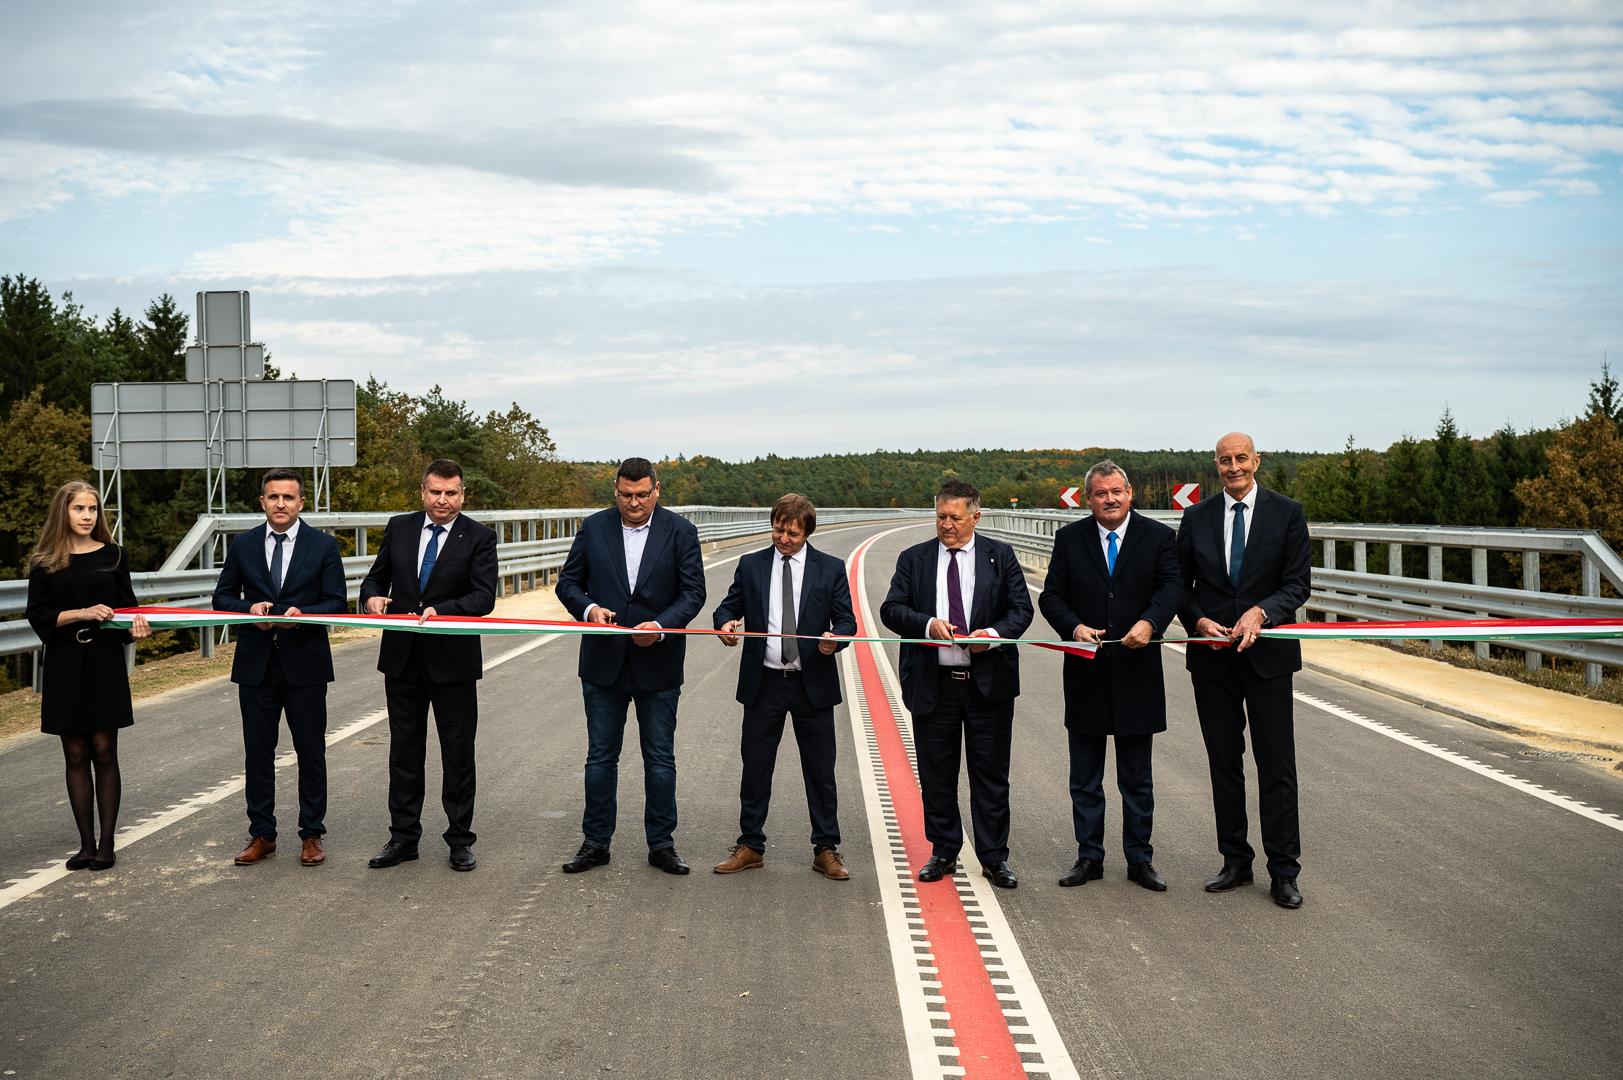 Átadták az M8 autóút Körmend-Rábafüzes közötti szakaszát